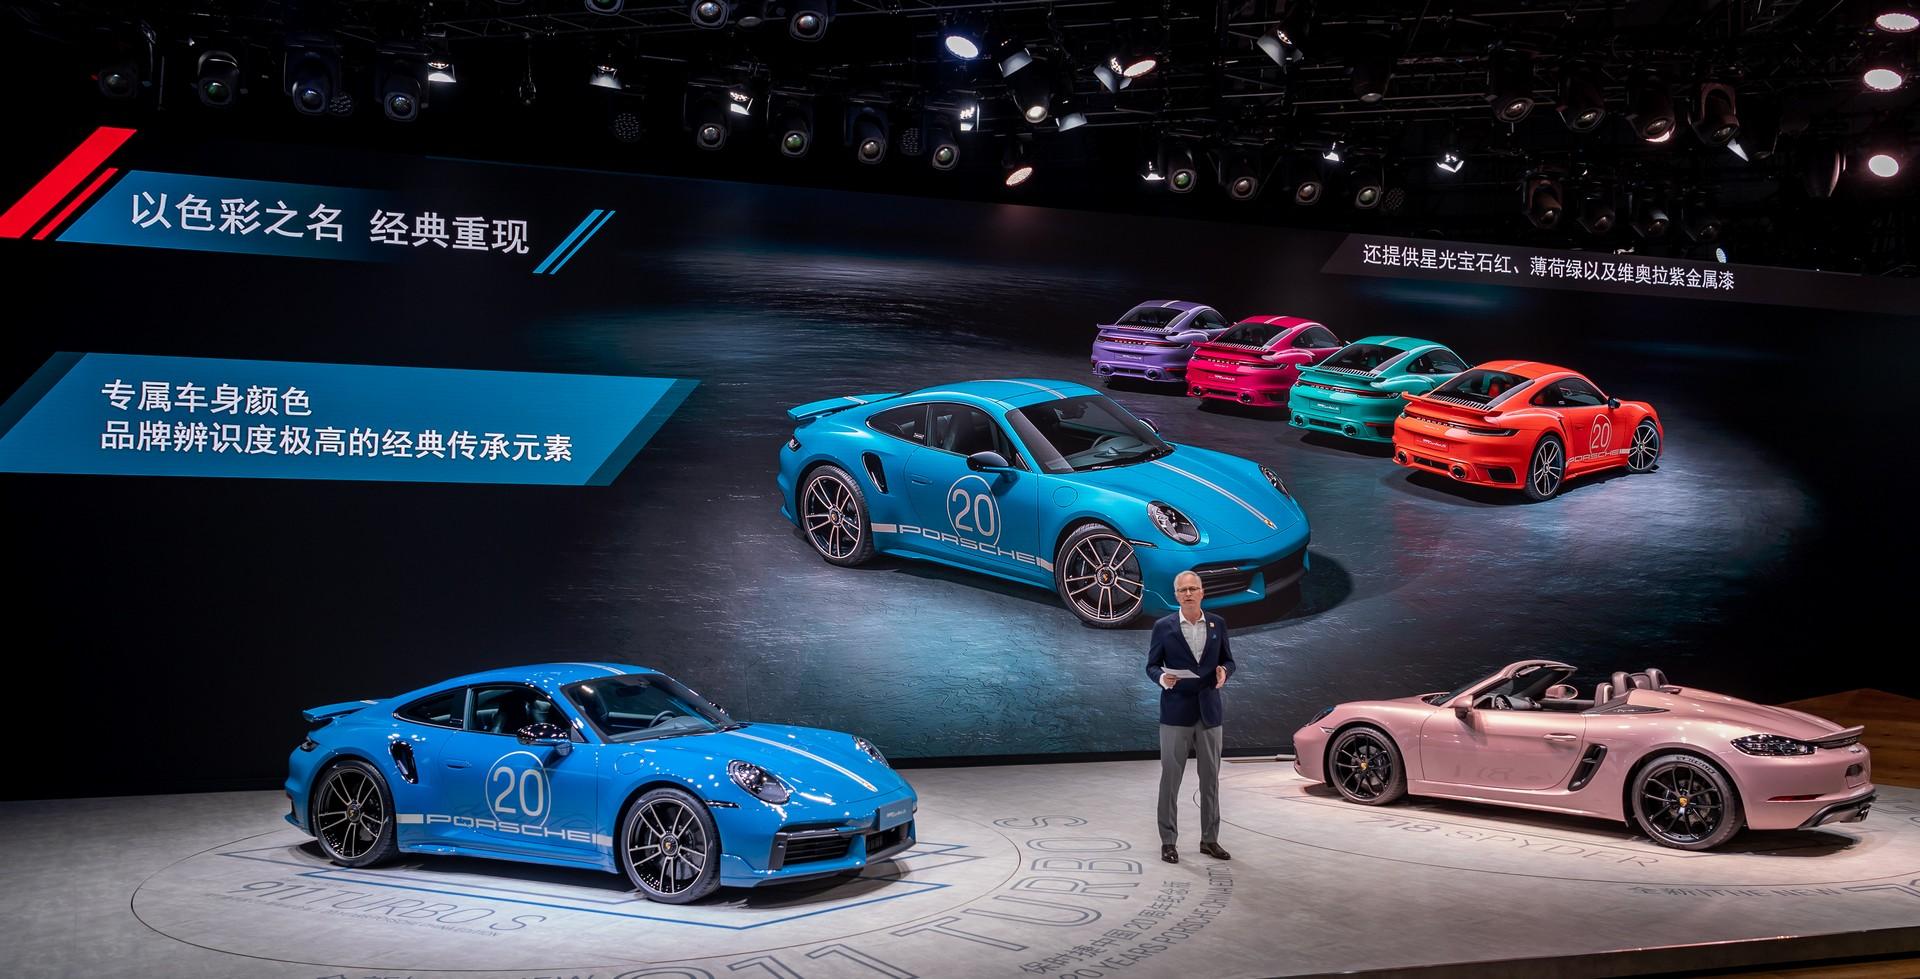 Porsche-911-Turbo-S-20th-Anniversary-Edition-2